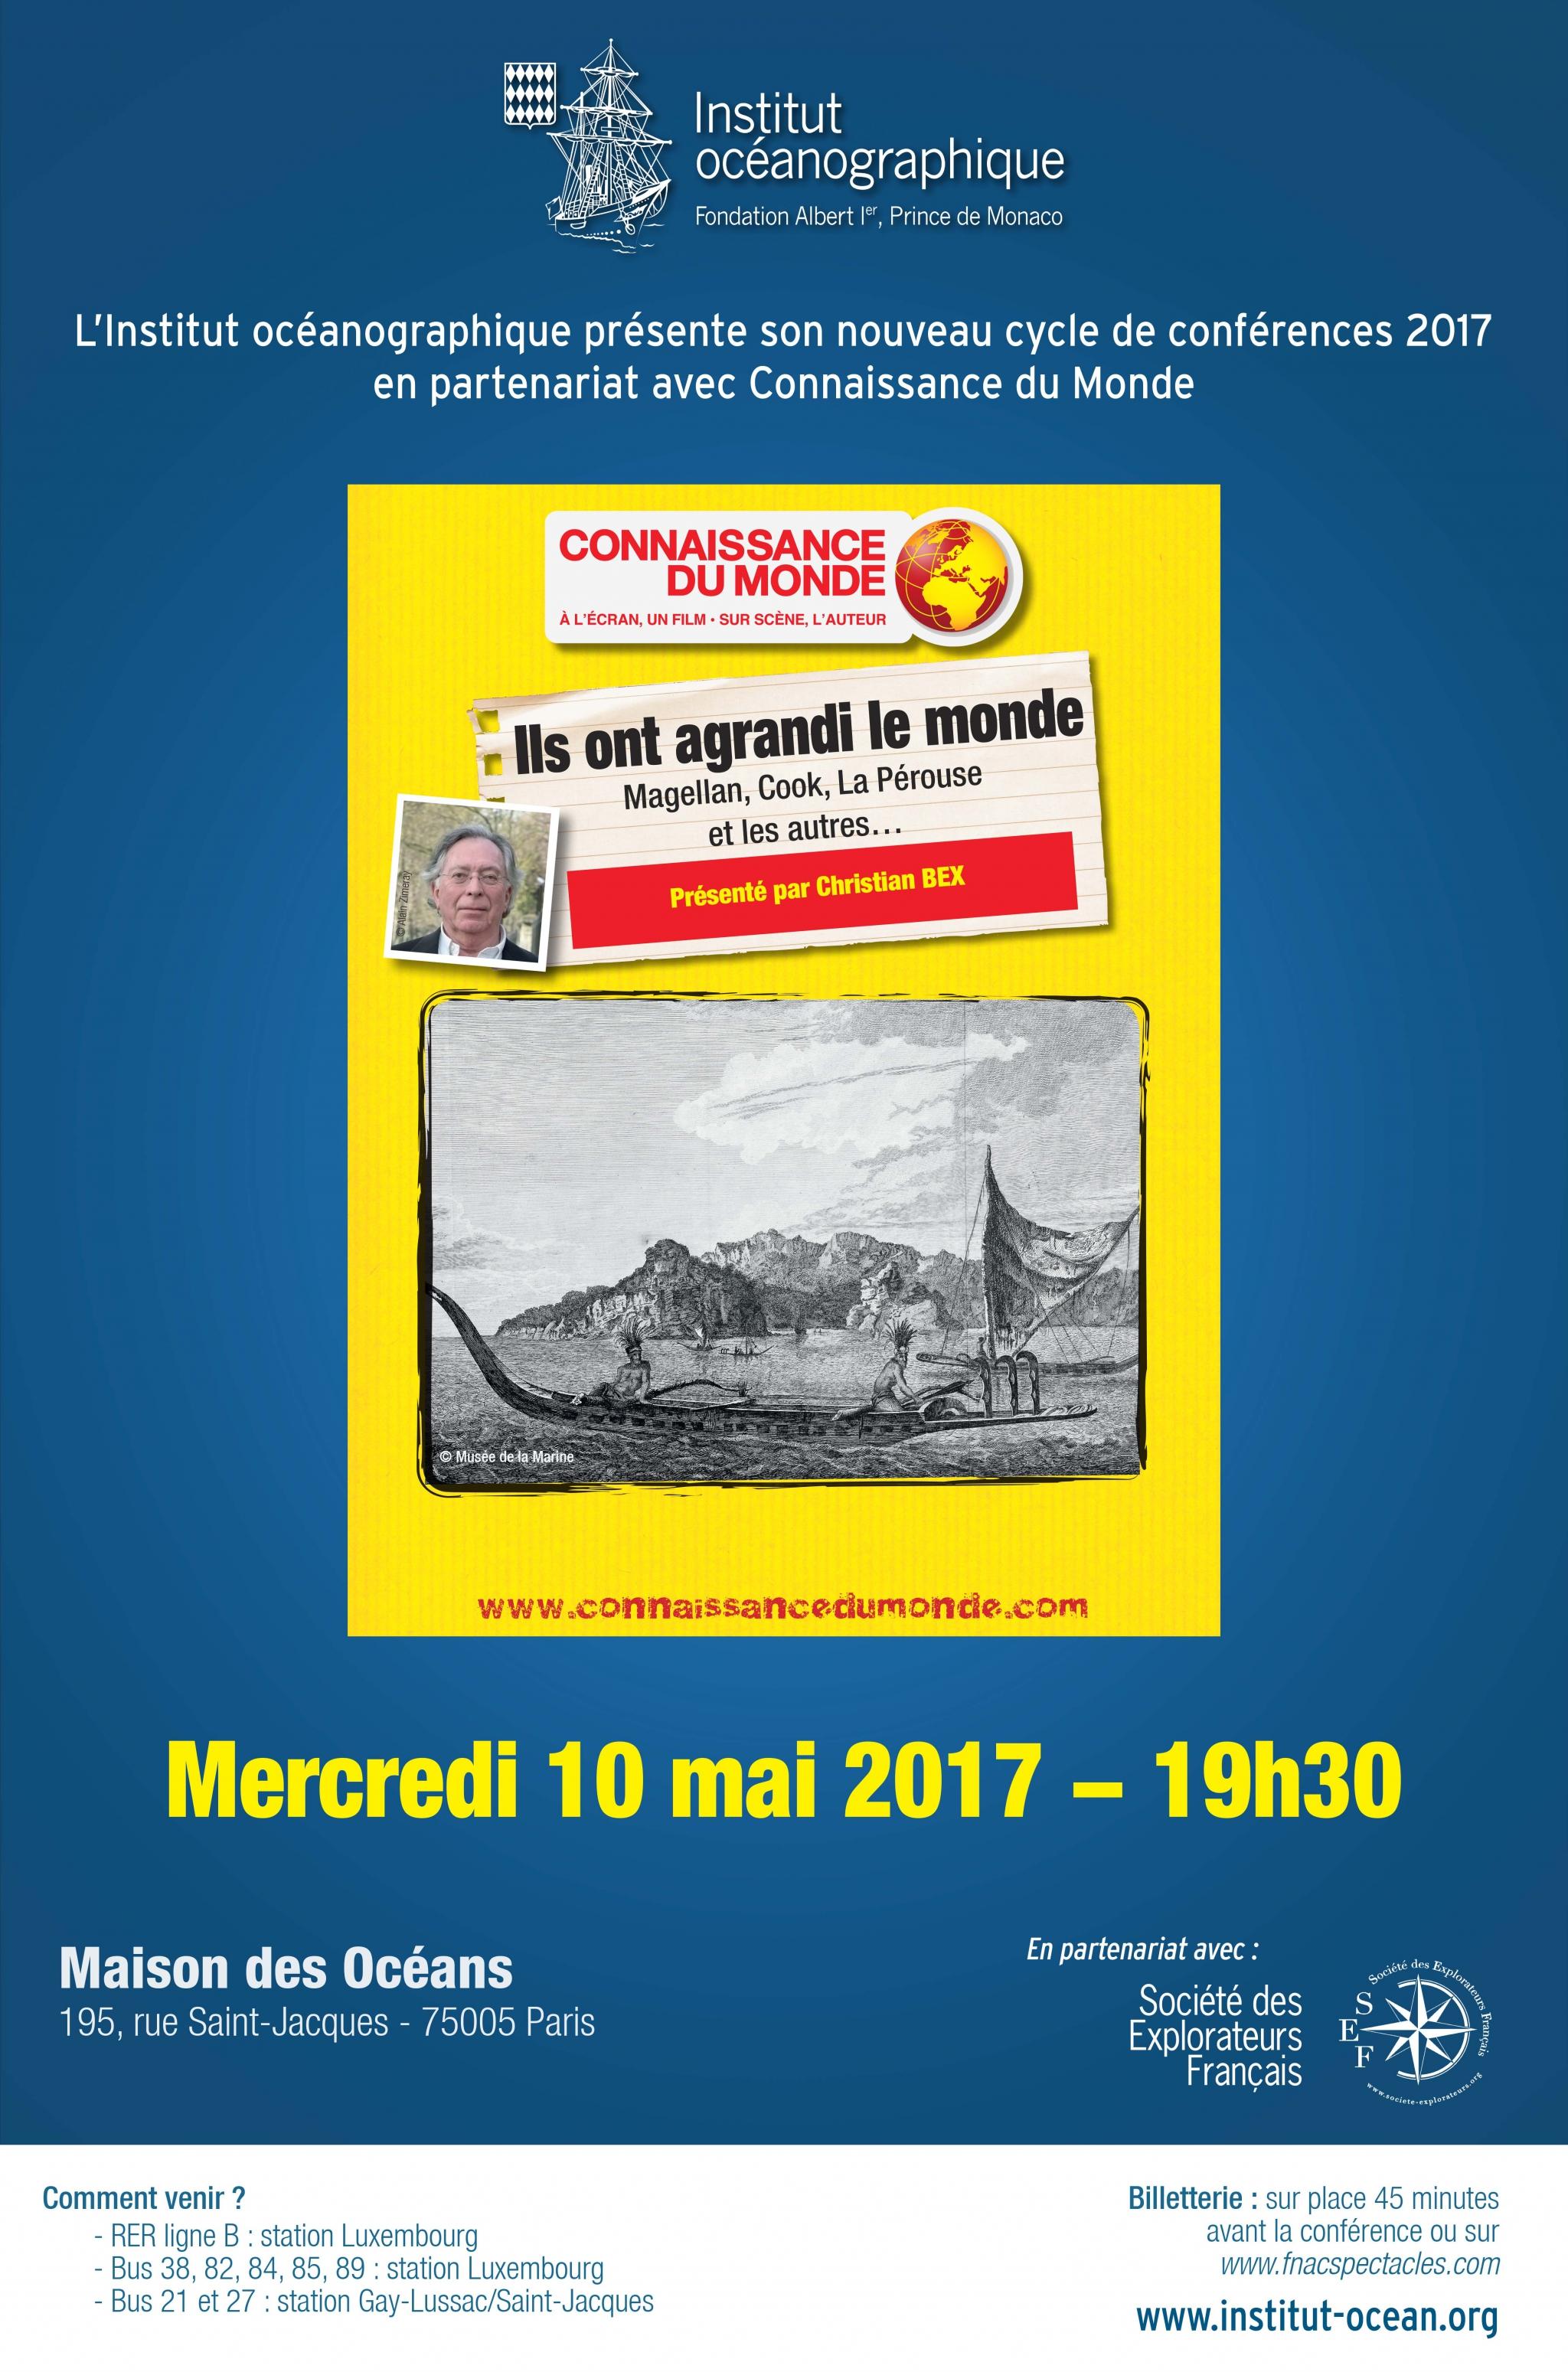 conférence, mer, histoire, maritime, Christian Bex, connaissance du monde, maison des océans, institut océanographique